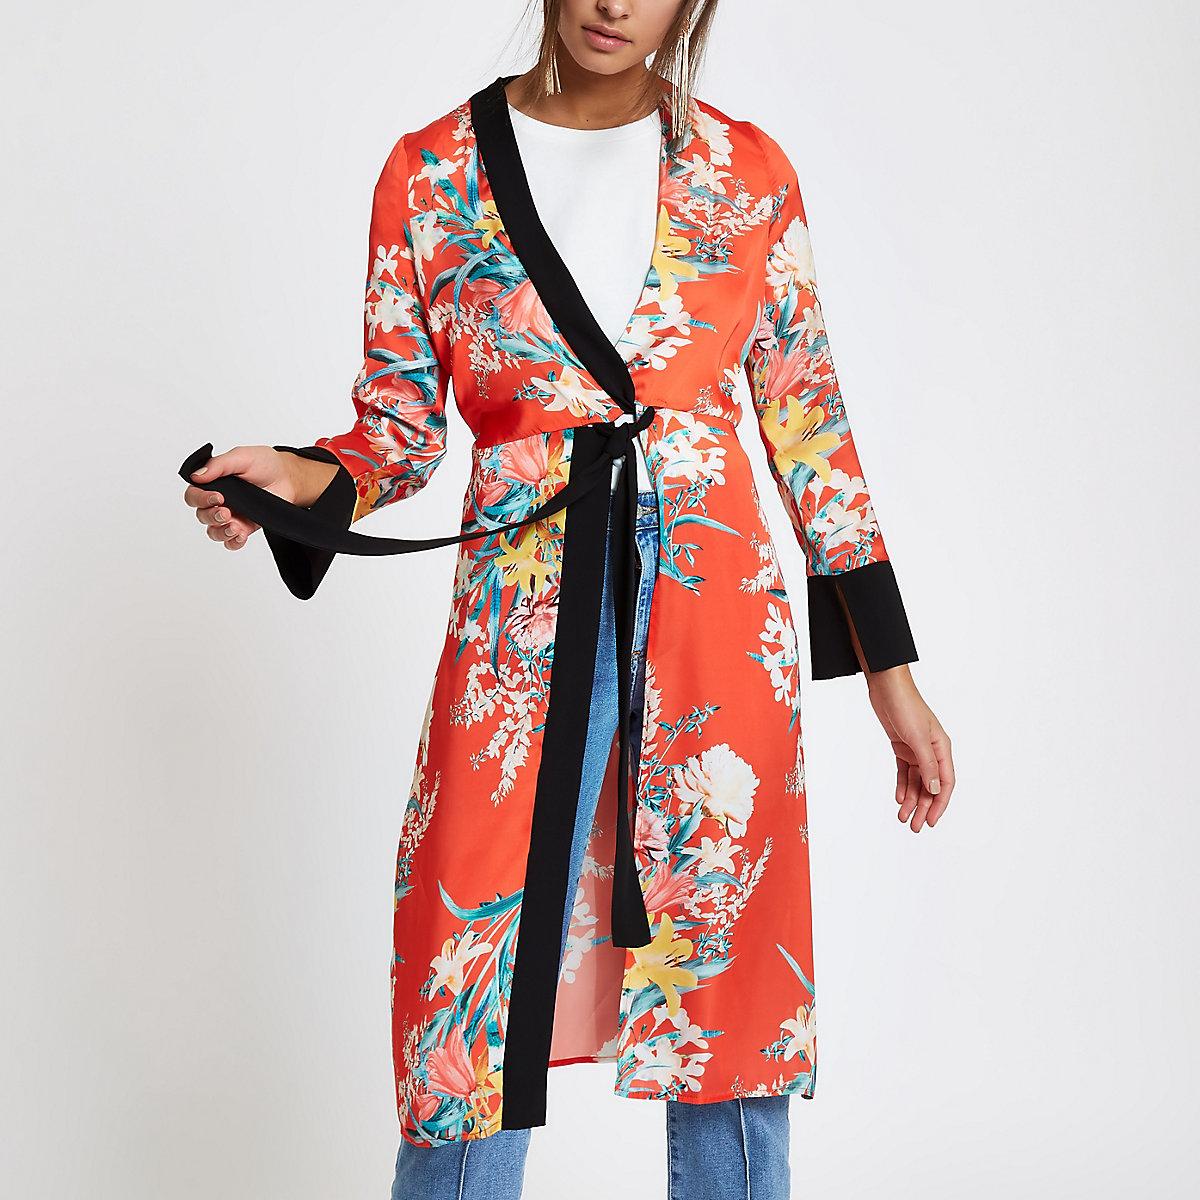 Rode kimono met gedraaide voorzijde en tropische print